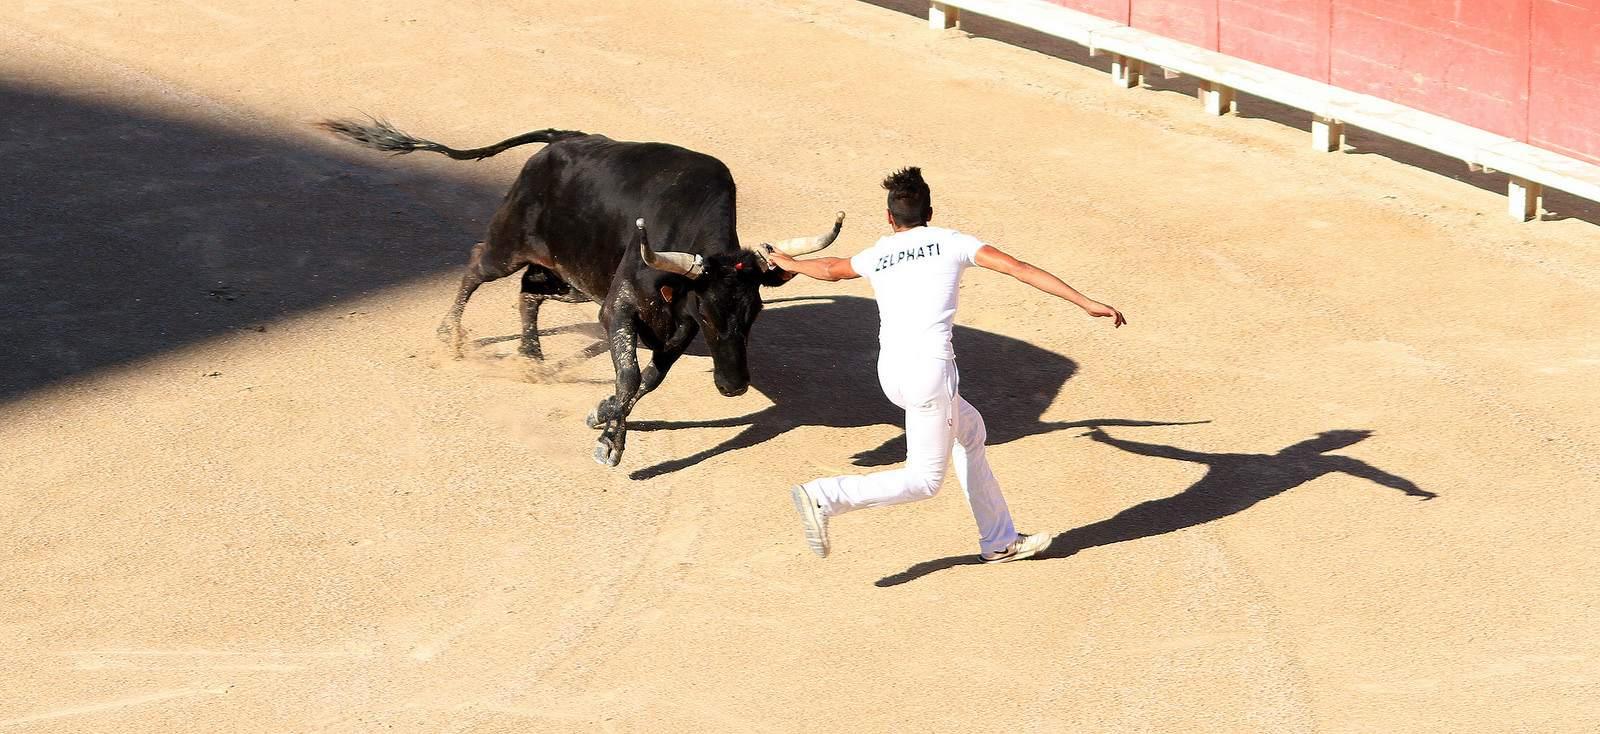 arles6 Bull Fighting in Arles Arena